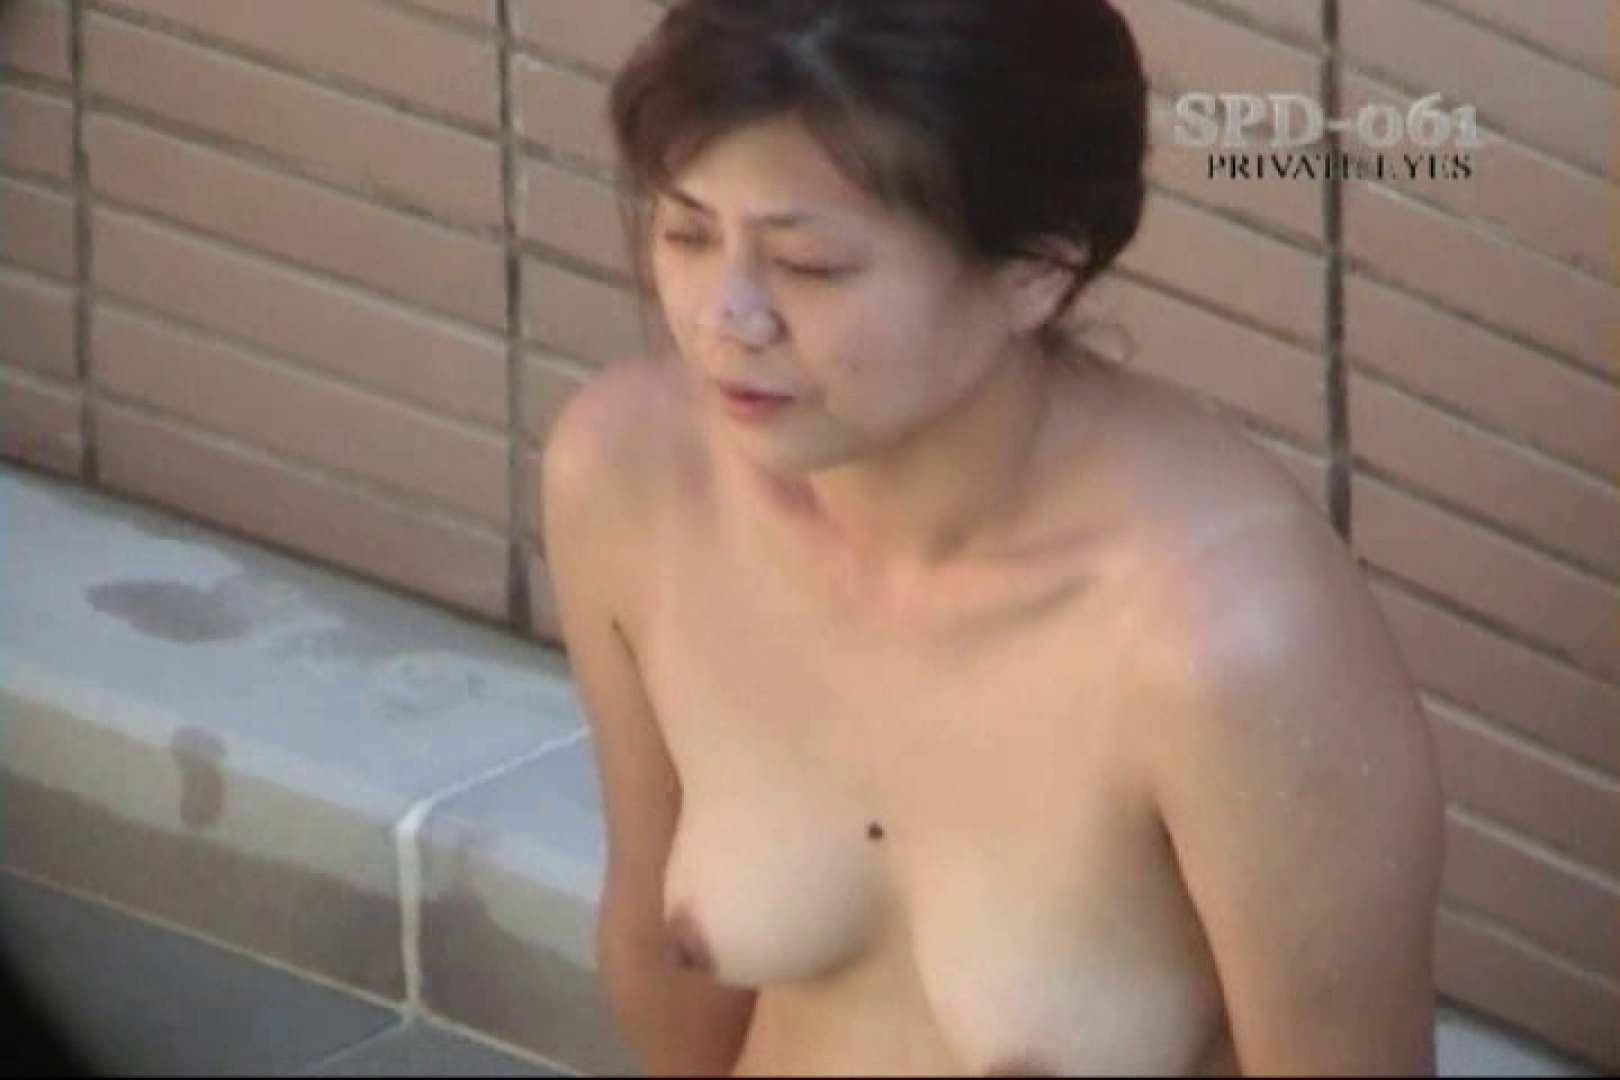 高画質版!SPD-061 新・露天浴場 8 人妻編 高画質 | プライベート  76pic 59